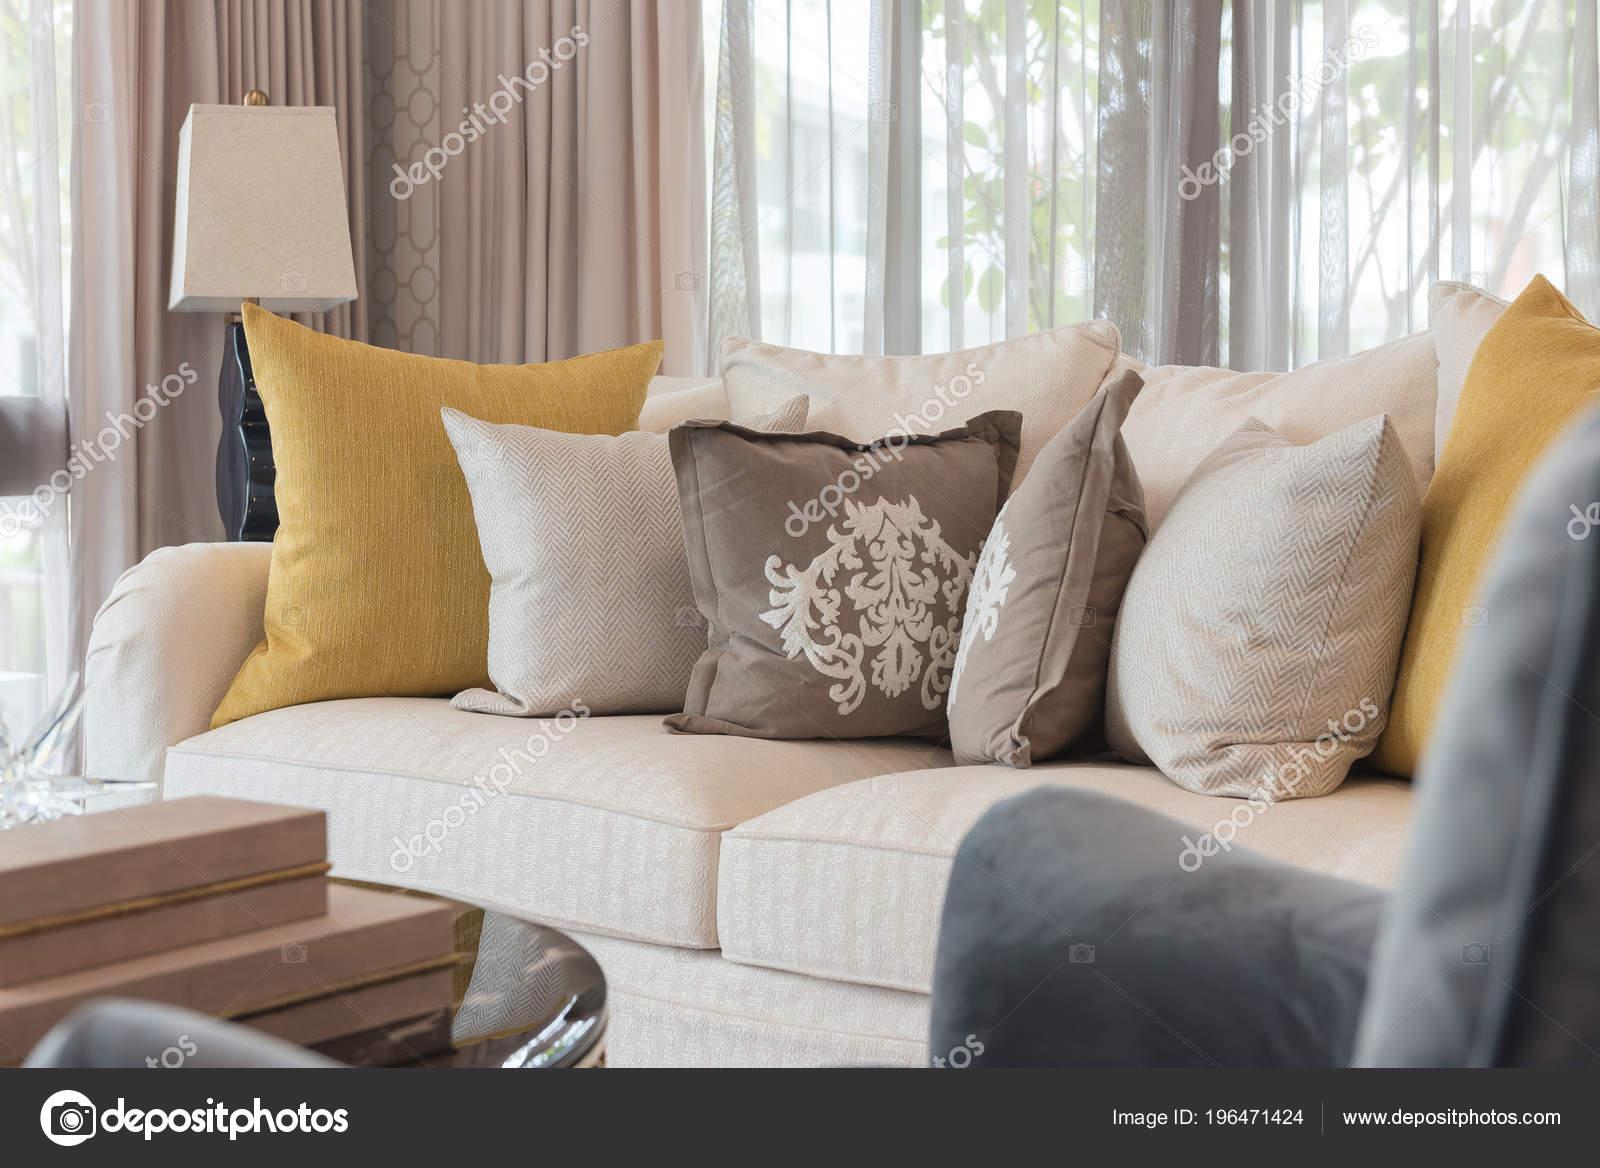 Klassische Weiße Eleganz Sofa Wohnzimmer Mit Kissen ...